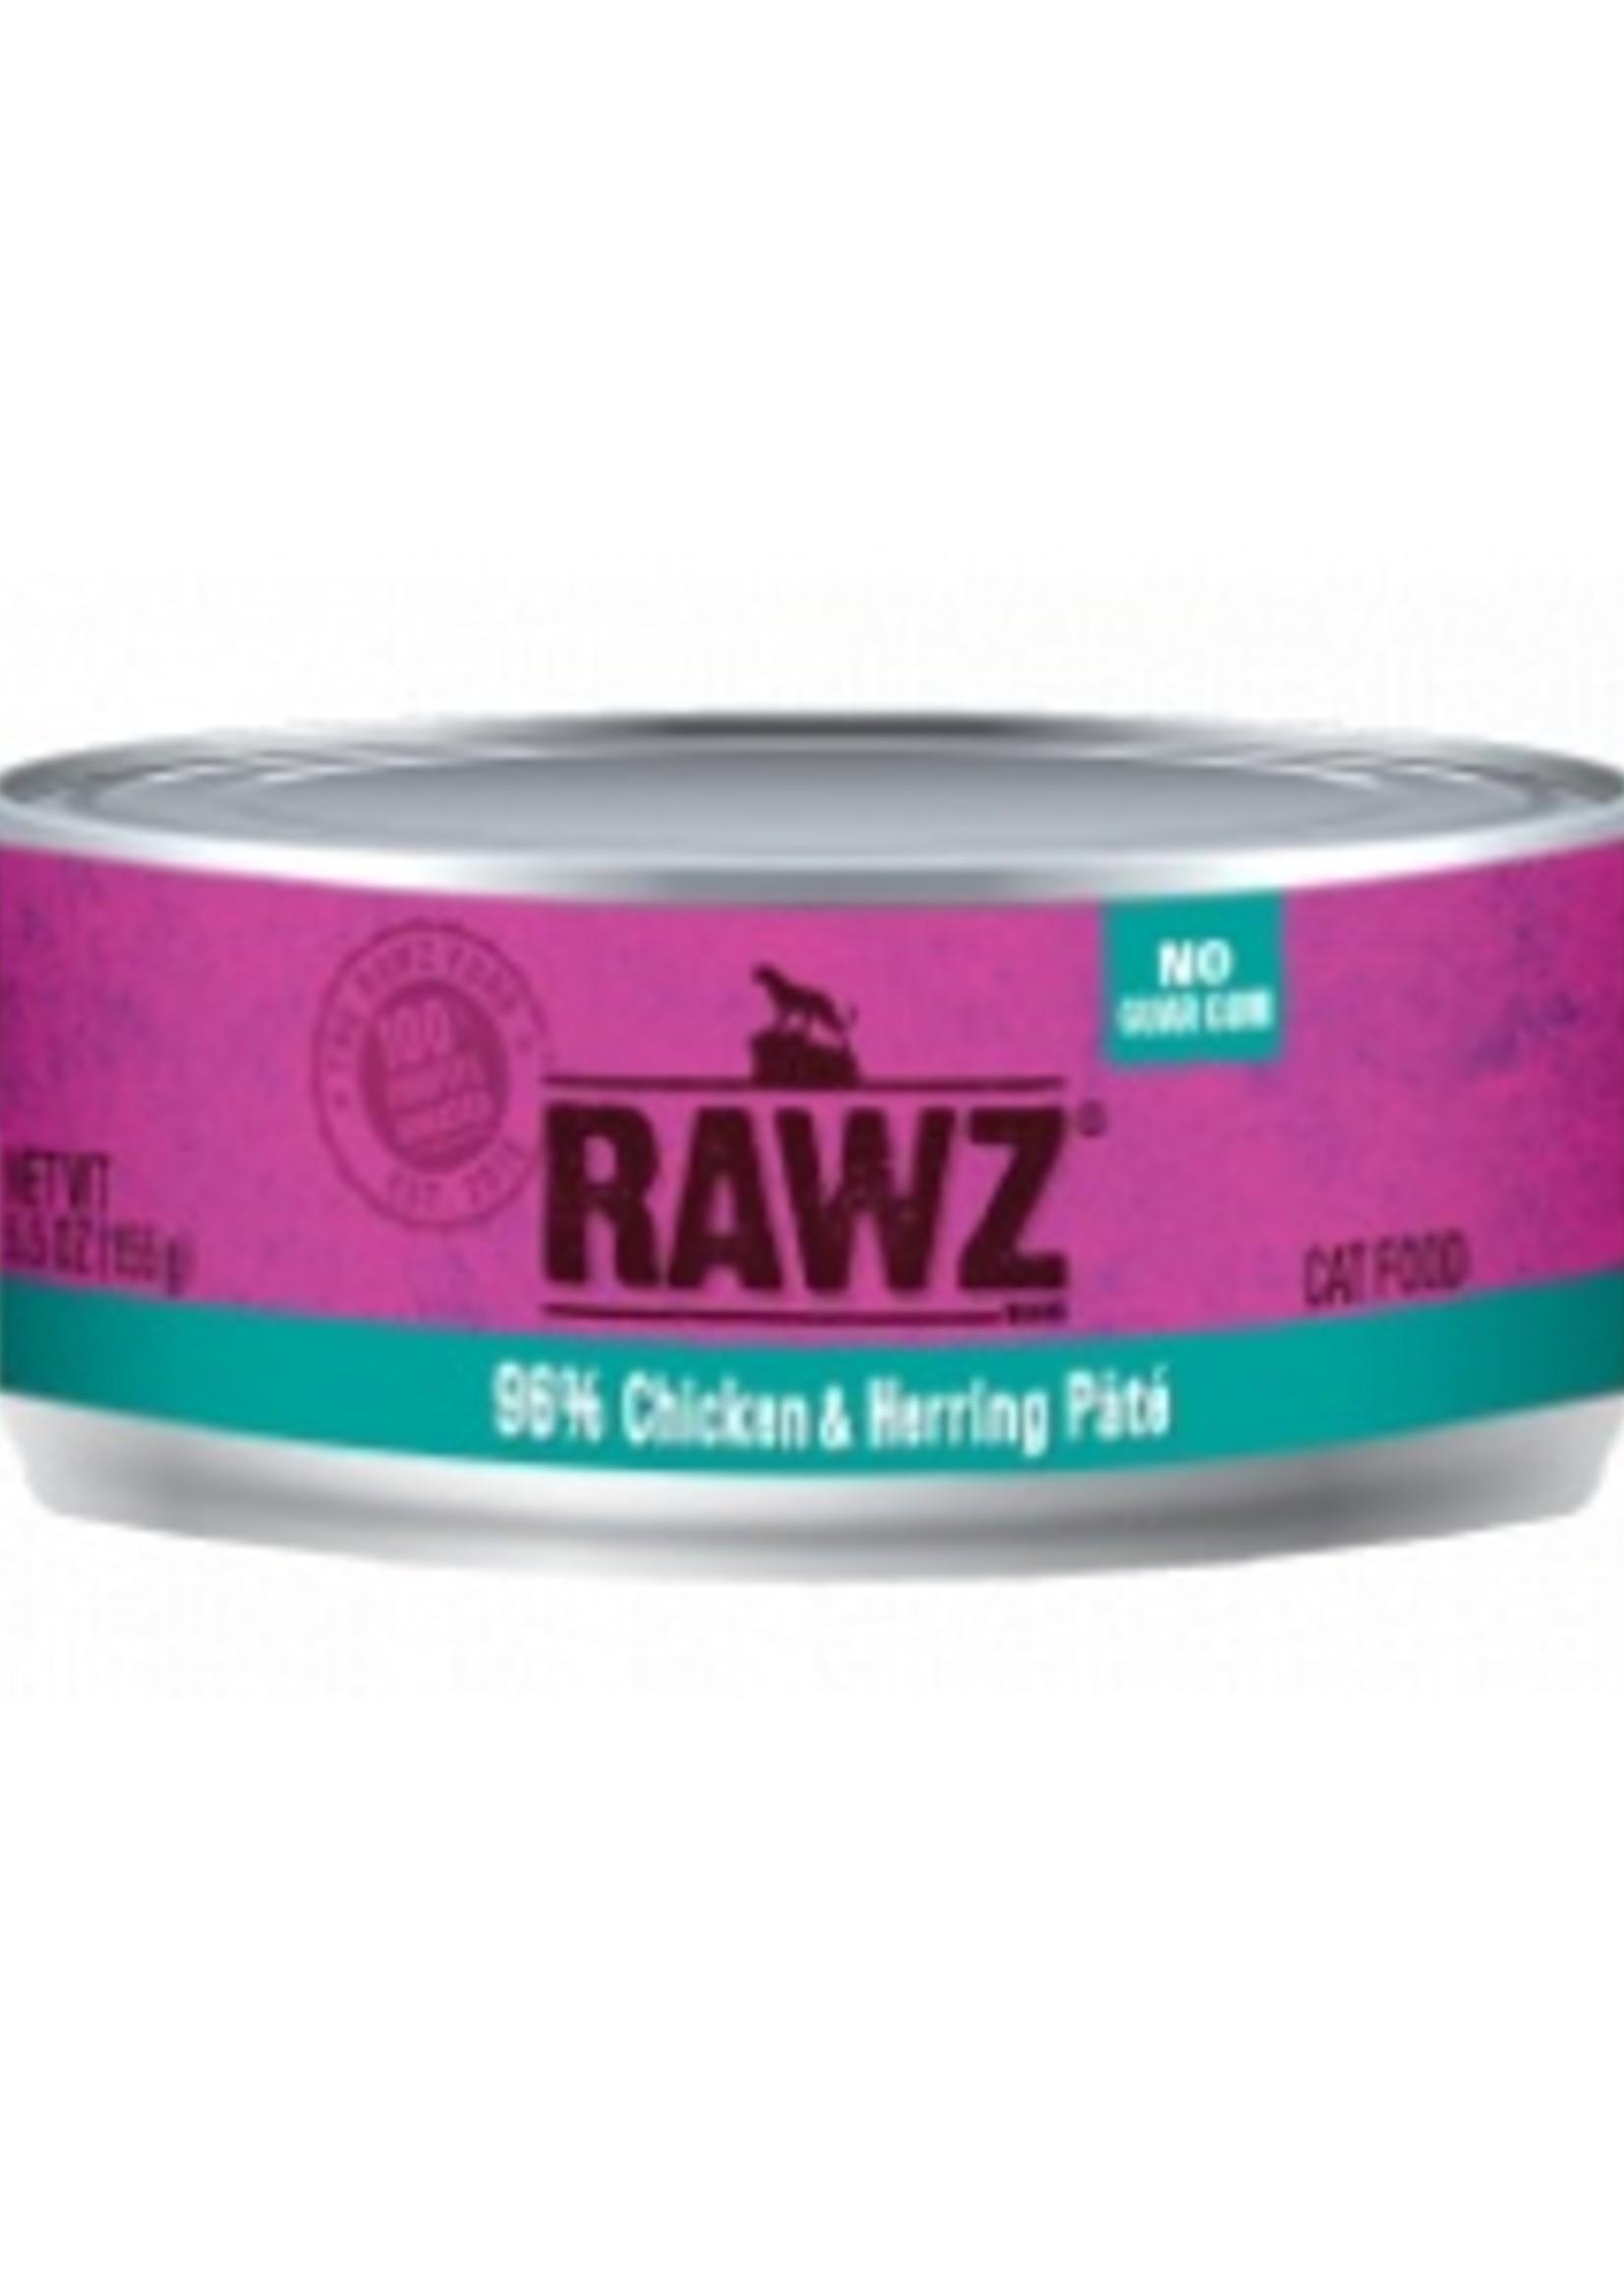 RAWZ RAWZ 96% Chicken/Herring CAT 5.5 OZ